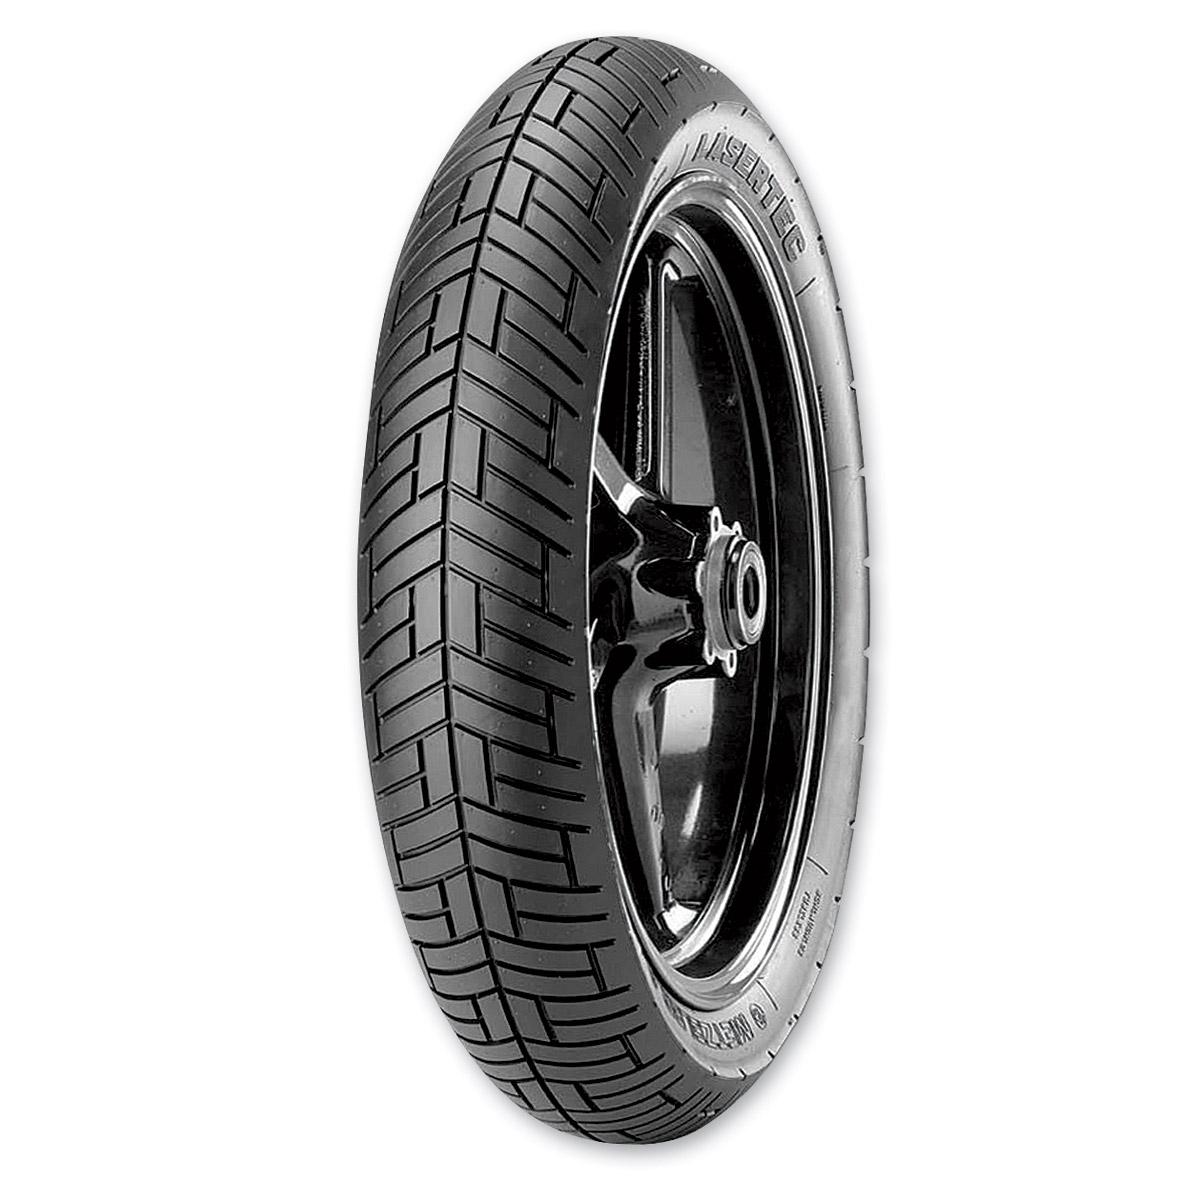 Metzeler Lasertec 90/90-18 Front Tire